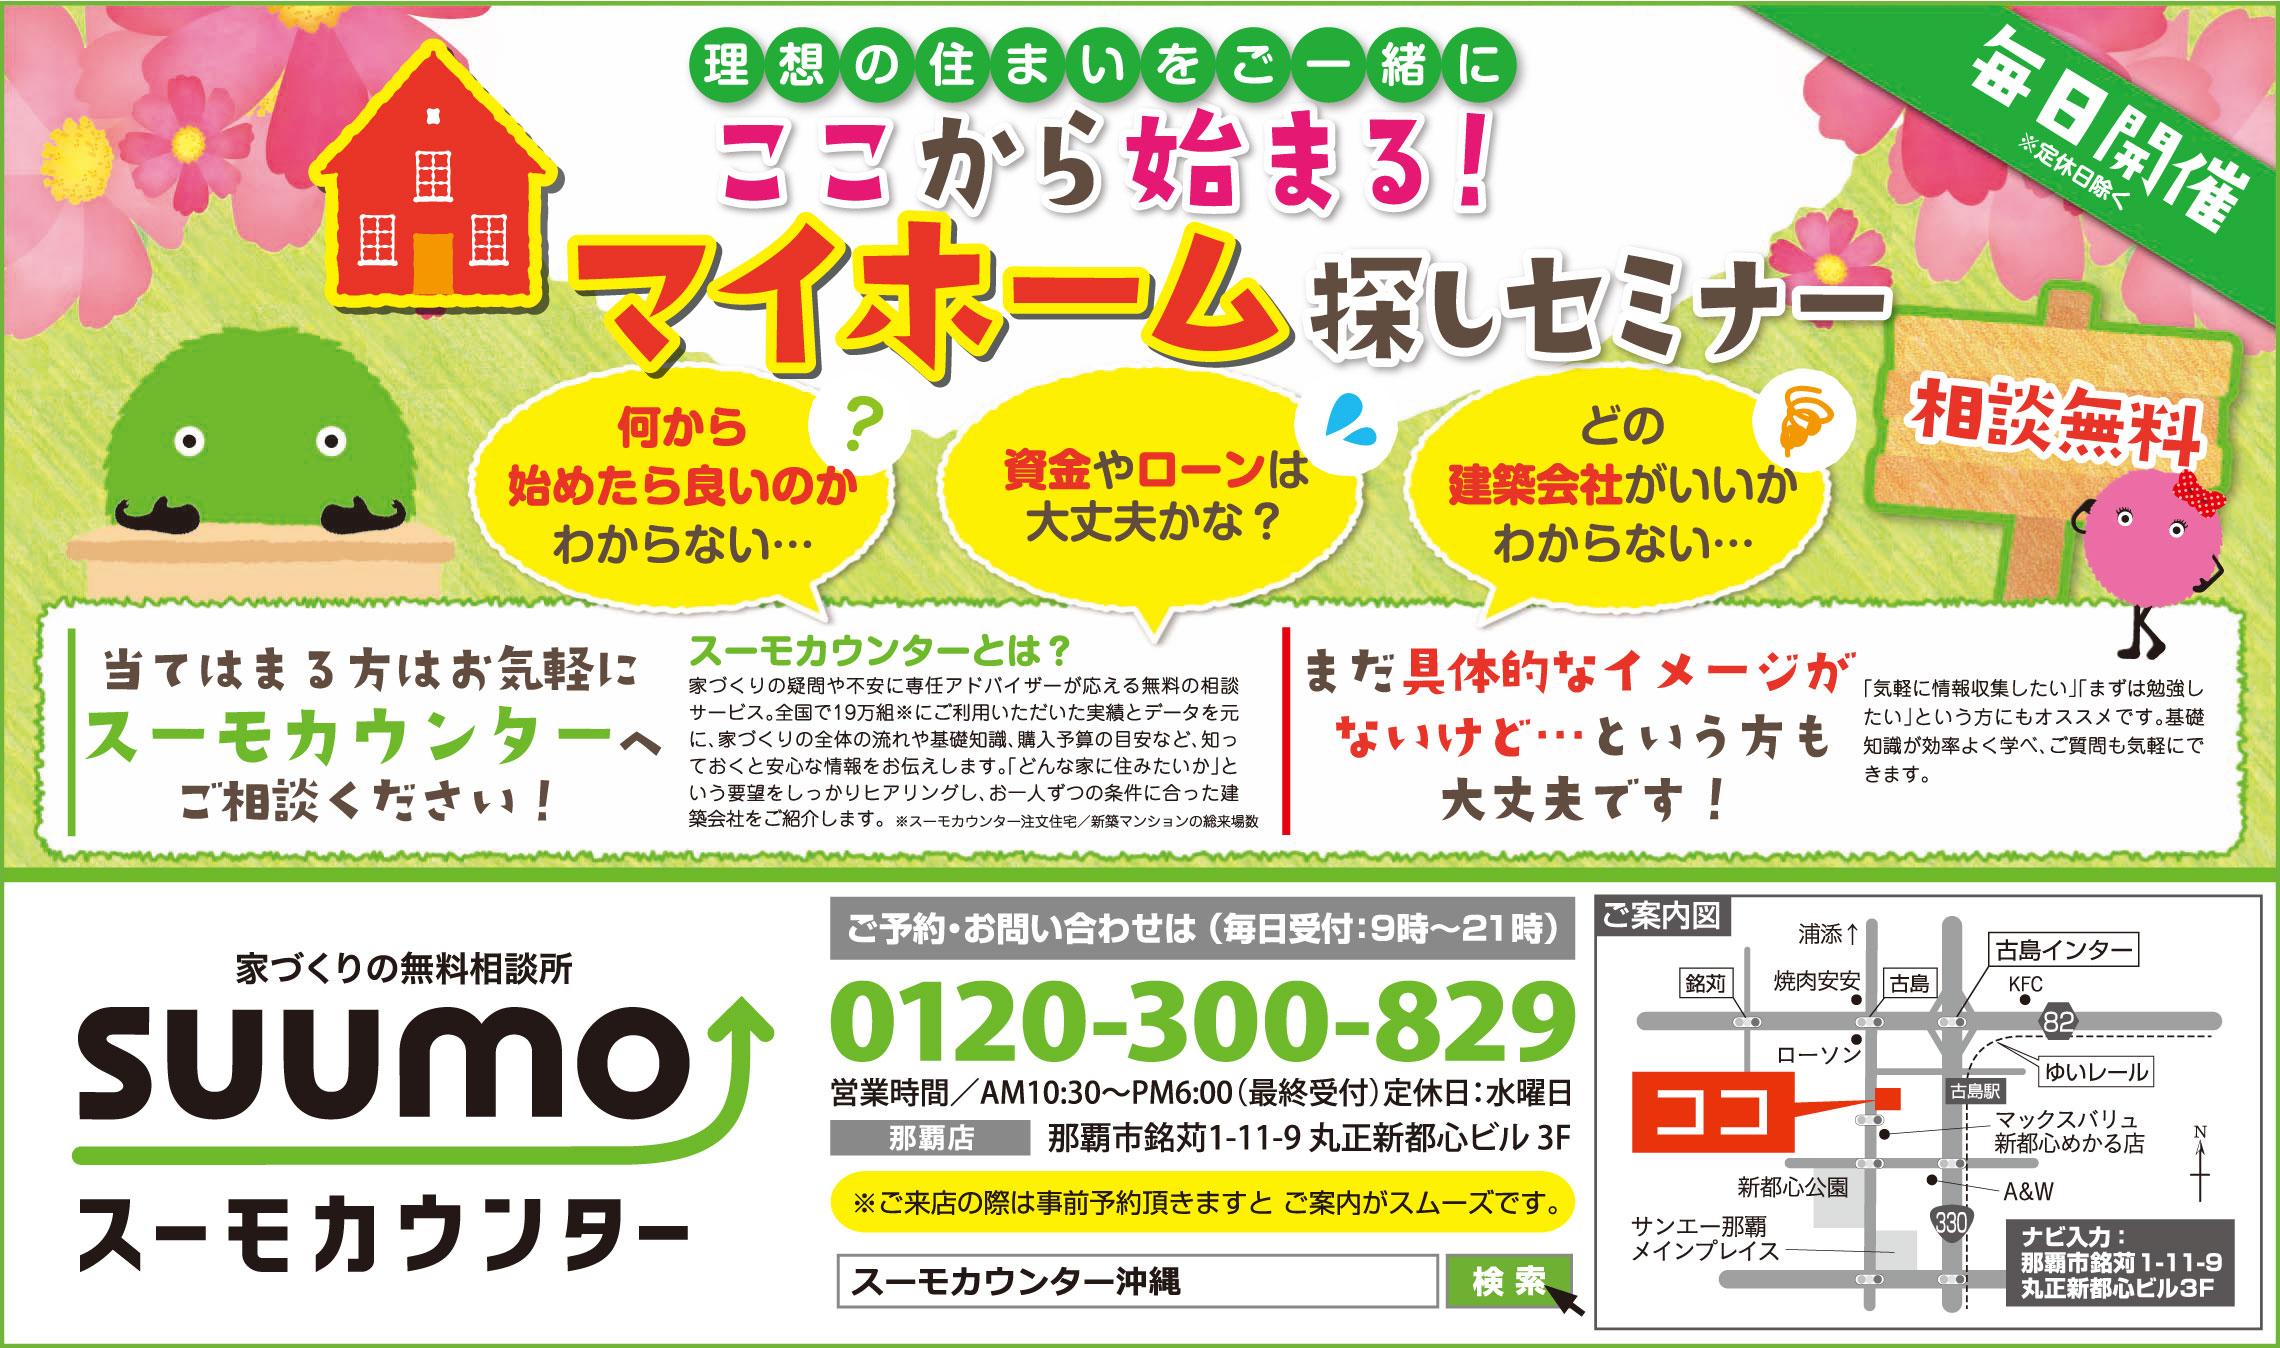 スーモカウンター沖縄 ここから始まる!マイホーム探しセミナー